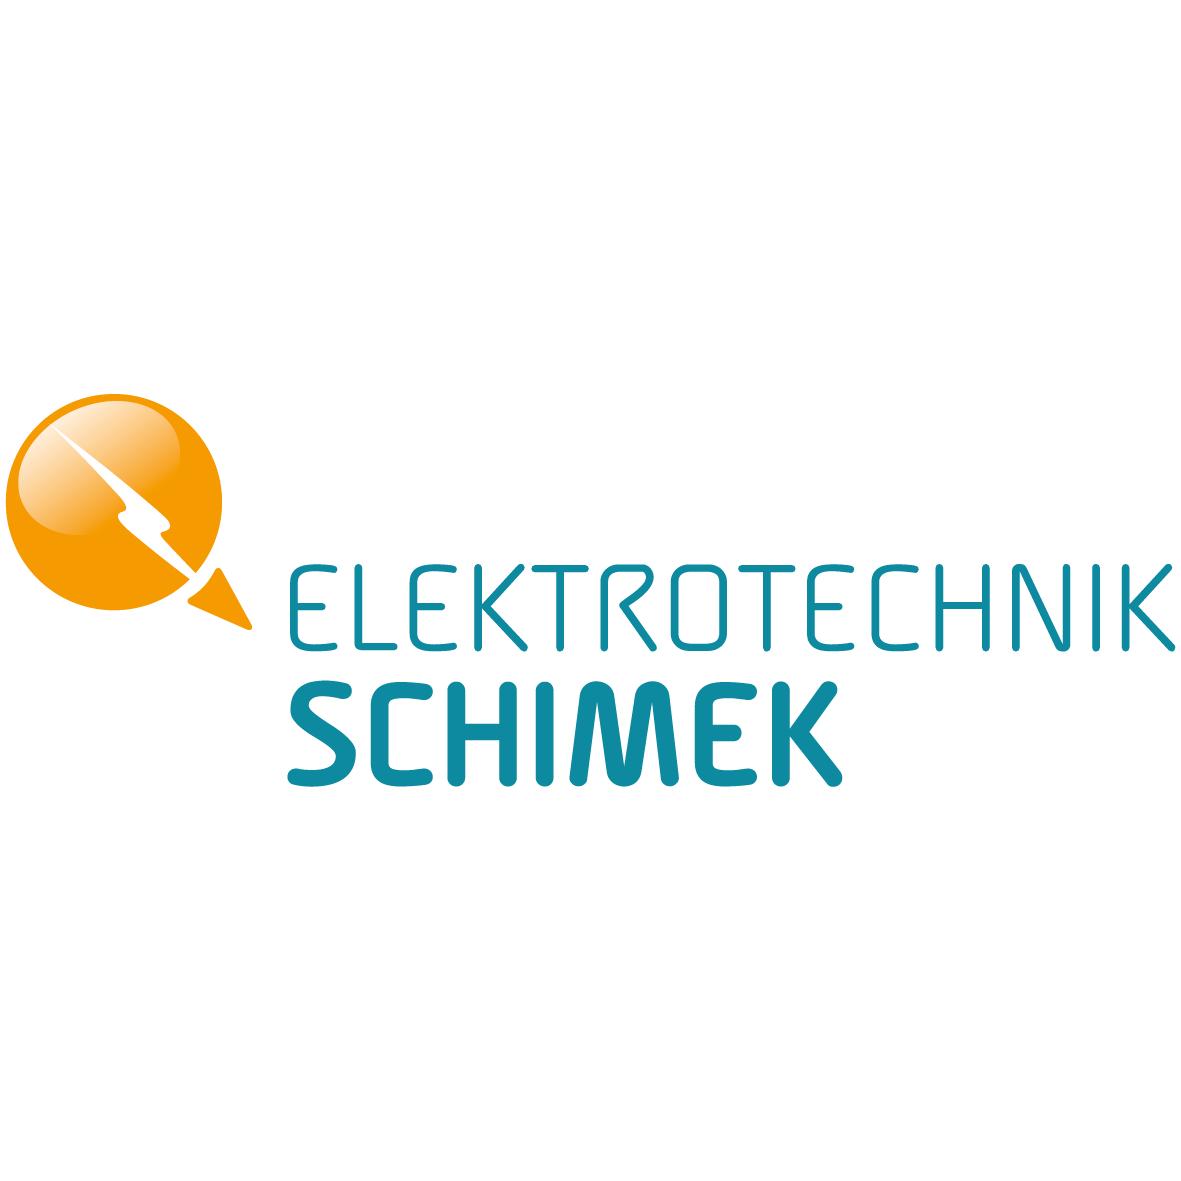 Bild zu Elektrotechnik Schimek GmbH in Leimen in Baden